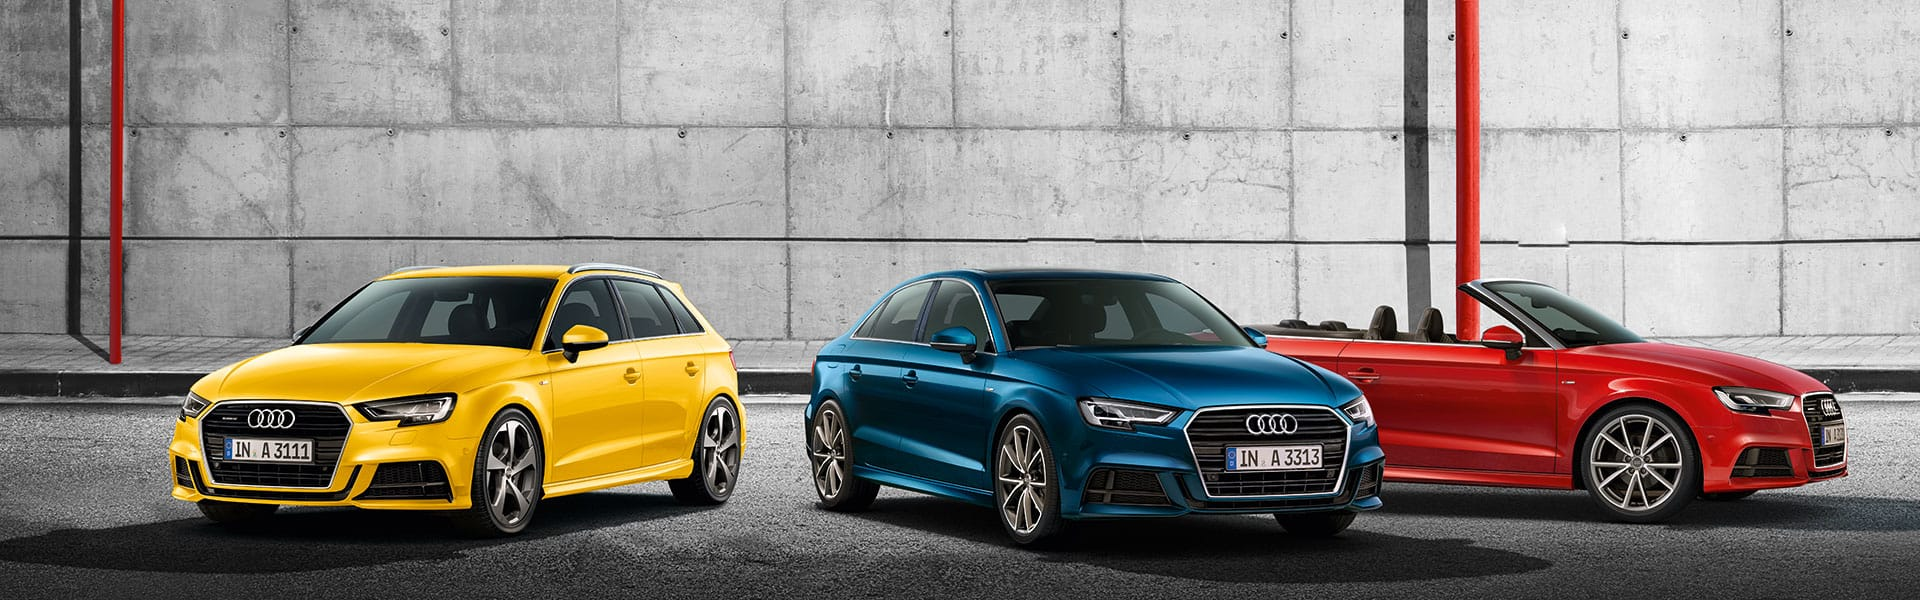 Audi Gebrauchtwagen Hochwertig Geprüft Audi Deutschland